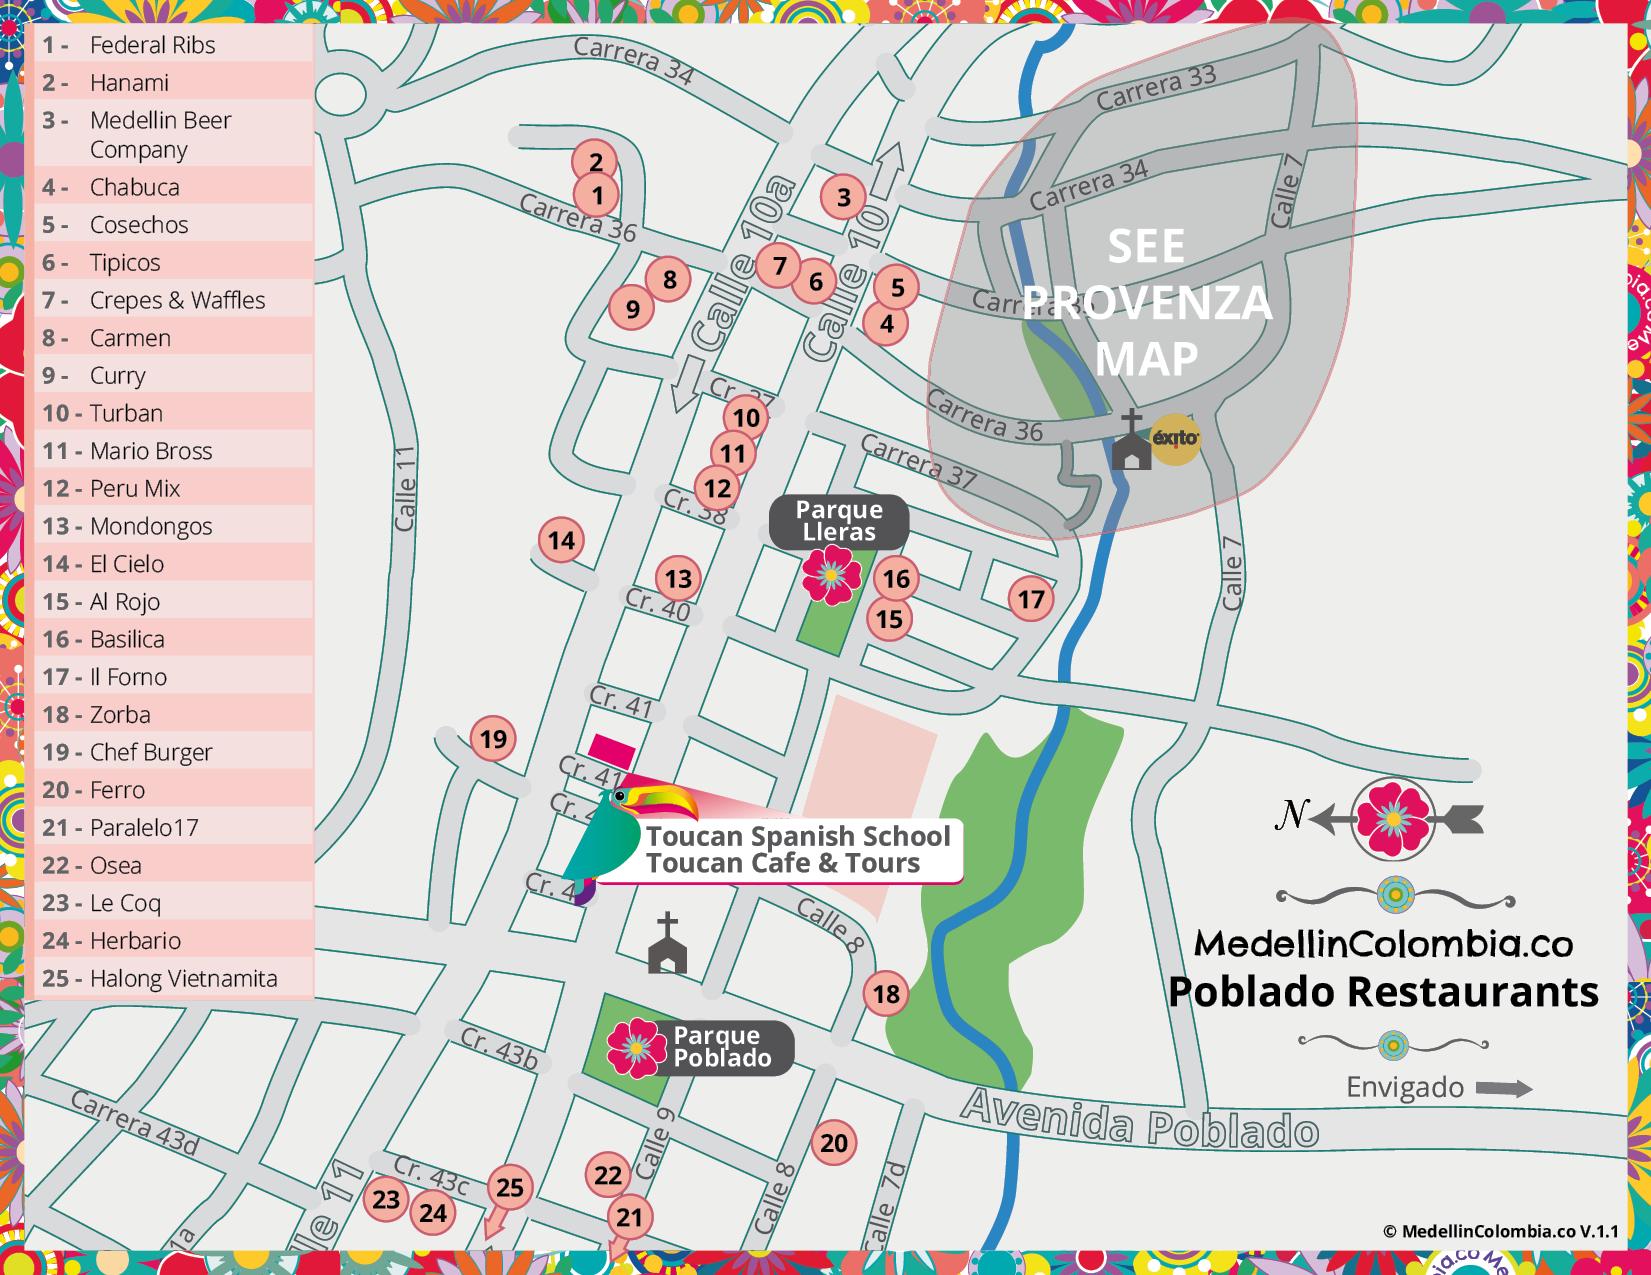 16fa938e Restaurants in Medellin - MedellinColombia.co